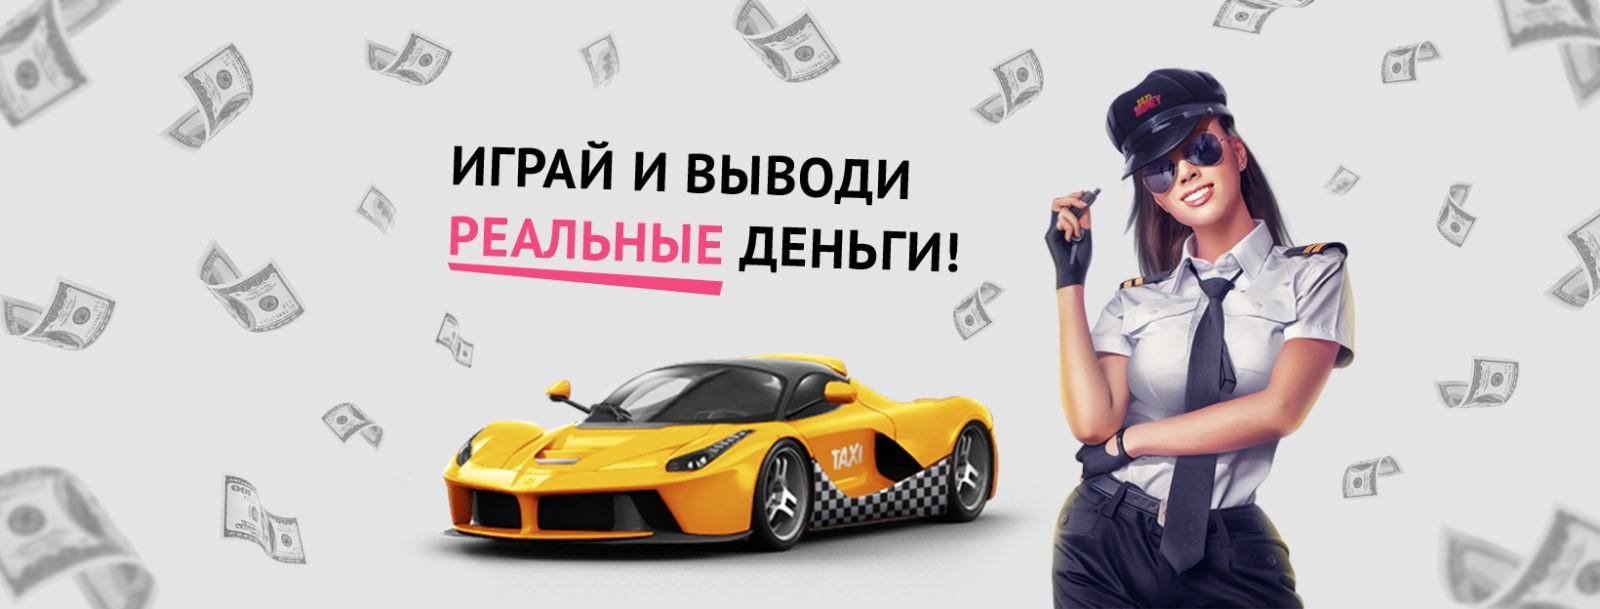 Картинка от игры Taxi-Money